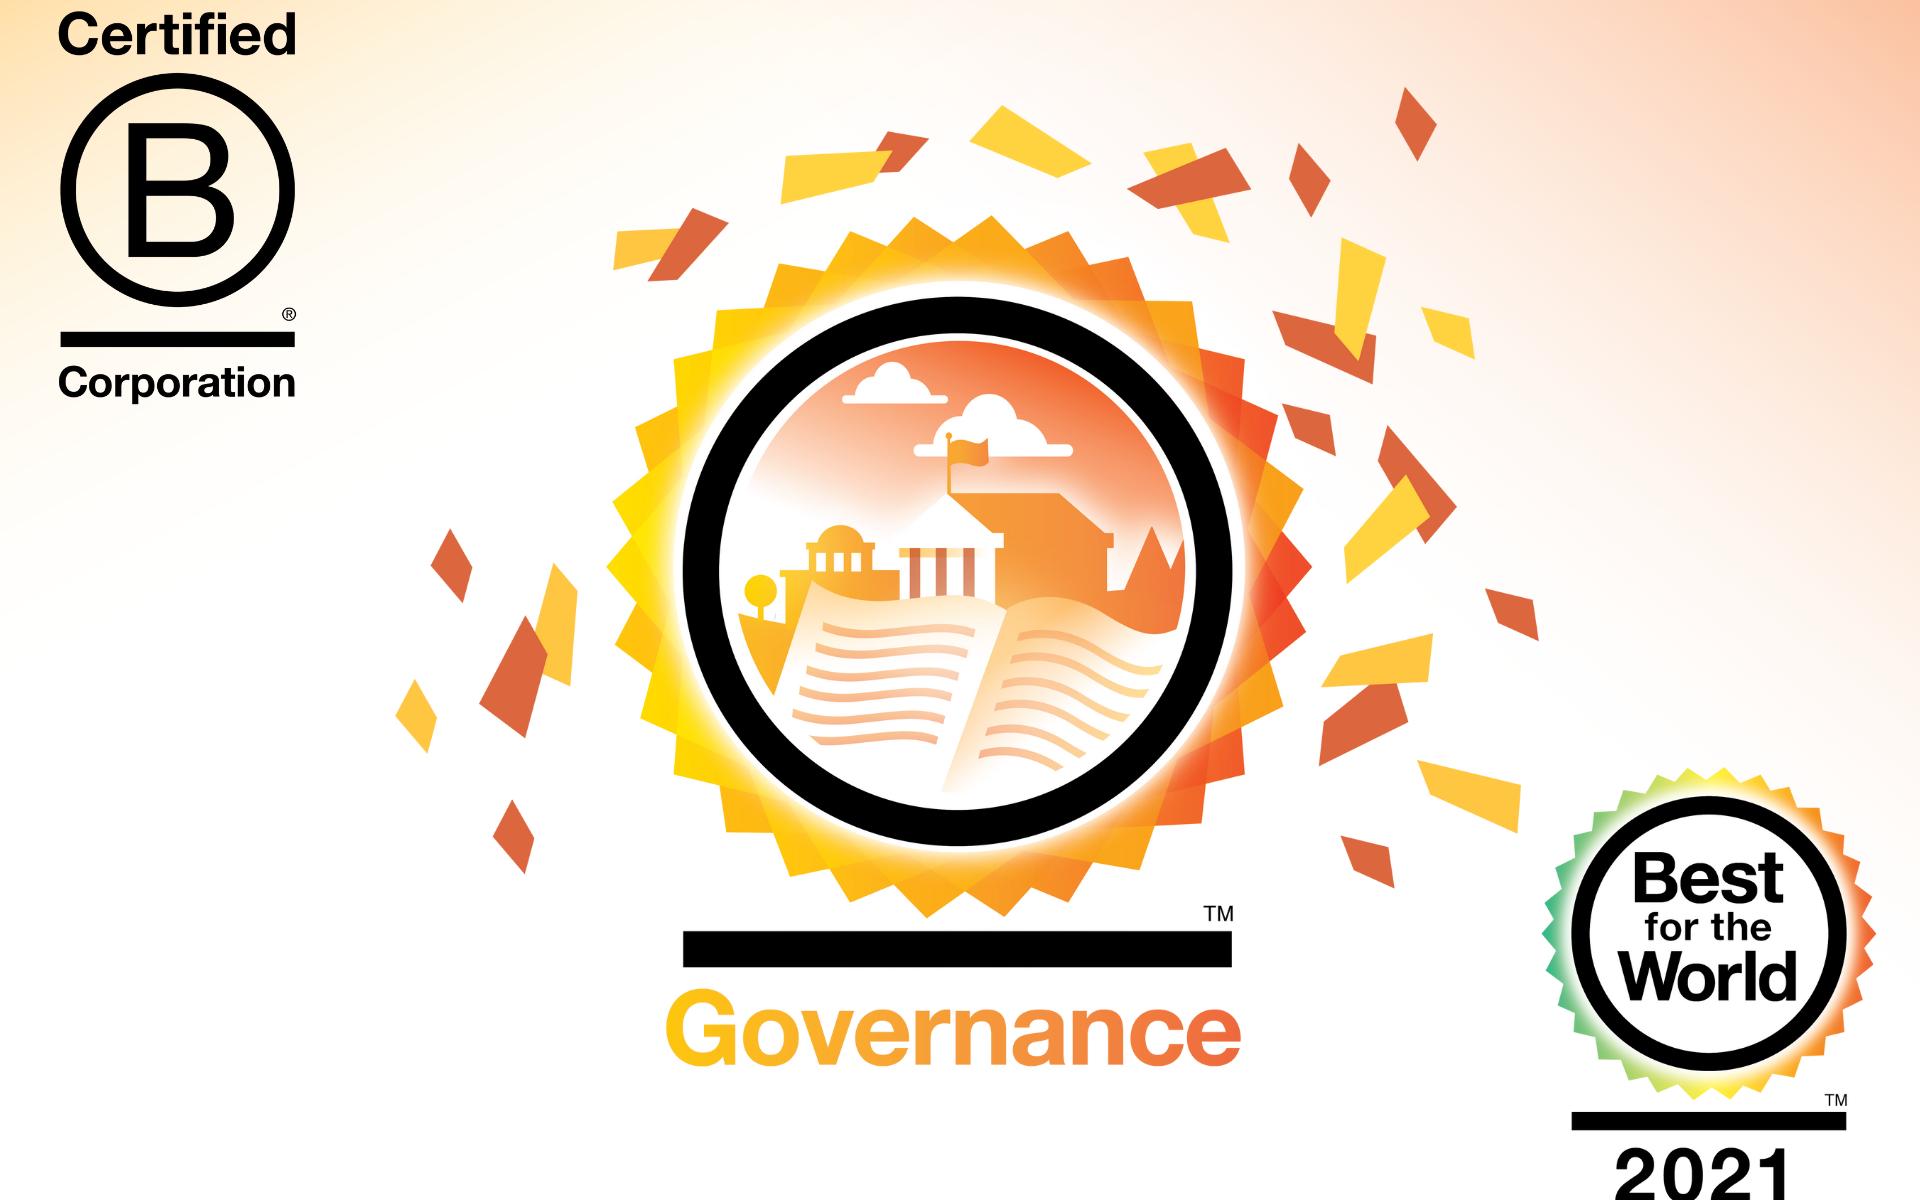 GECA Named Best for the World in Governance in 2021